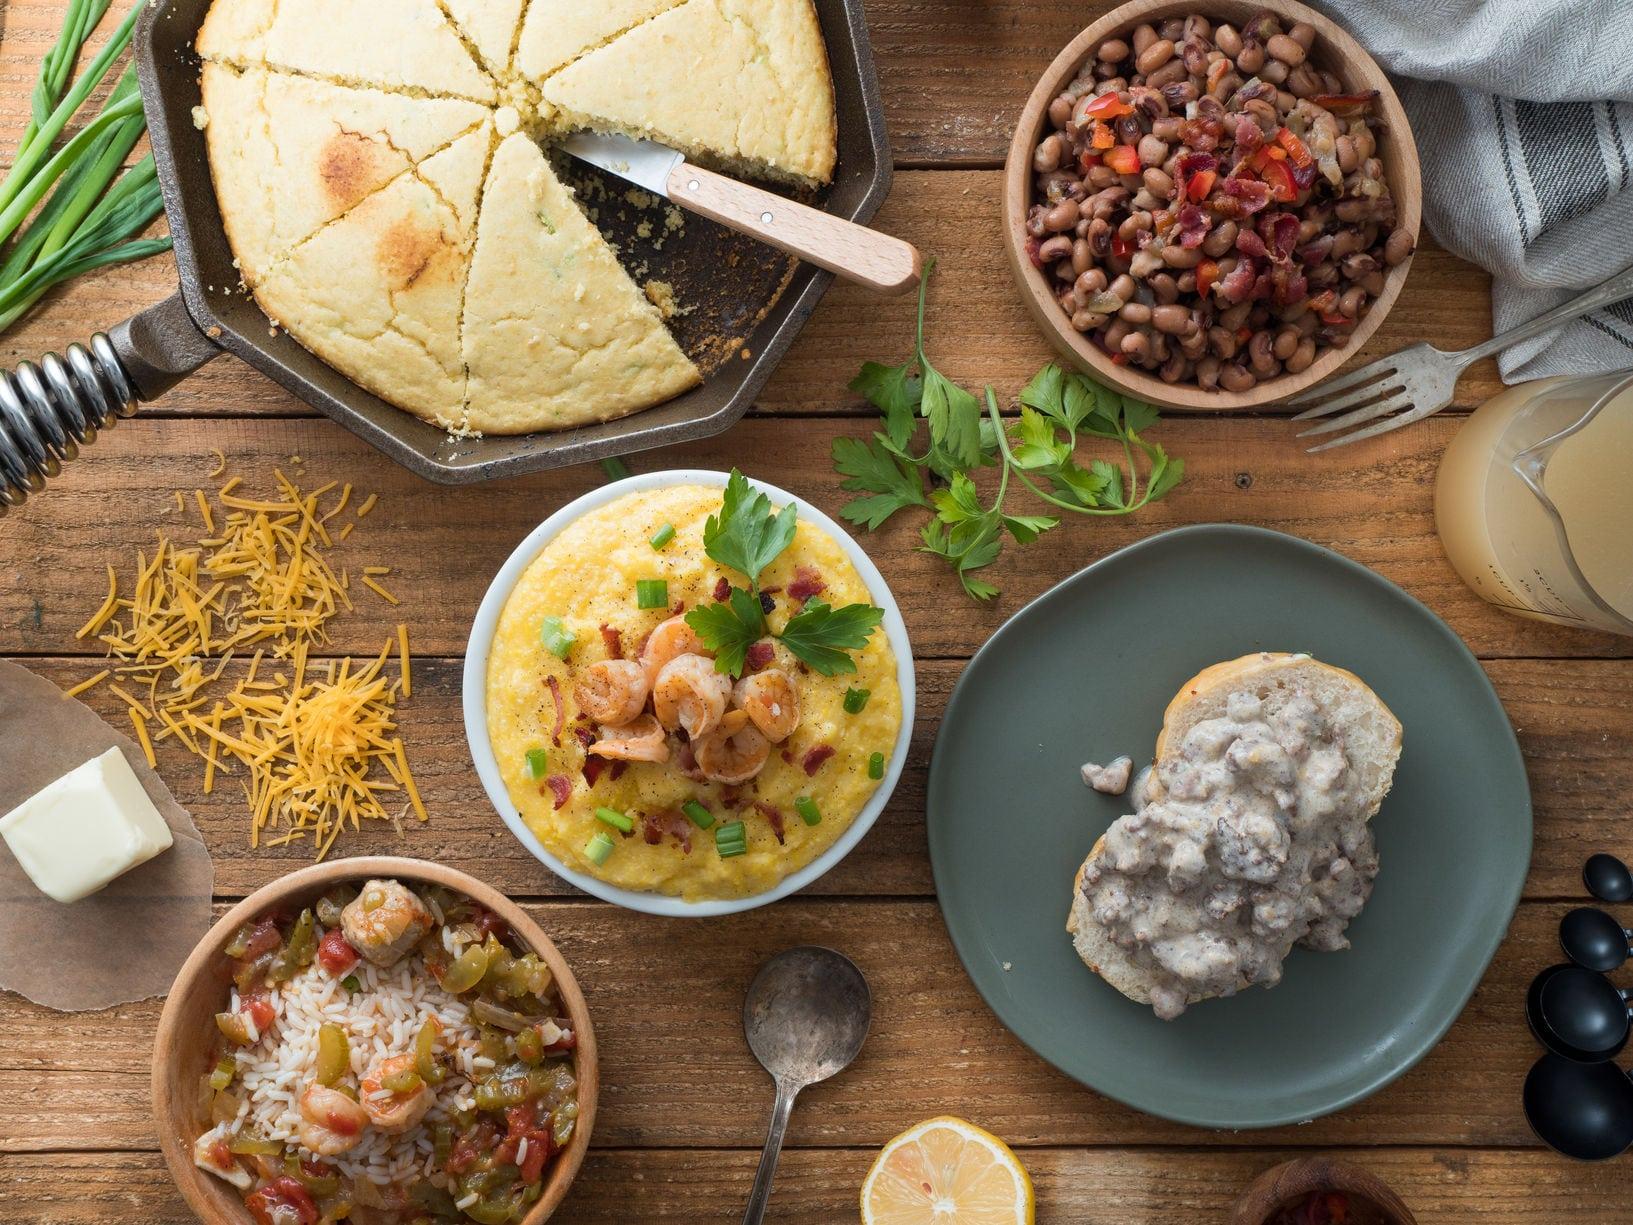 atlanta food scene